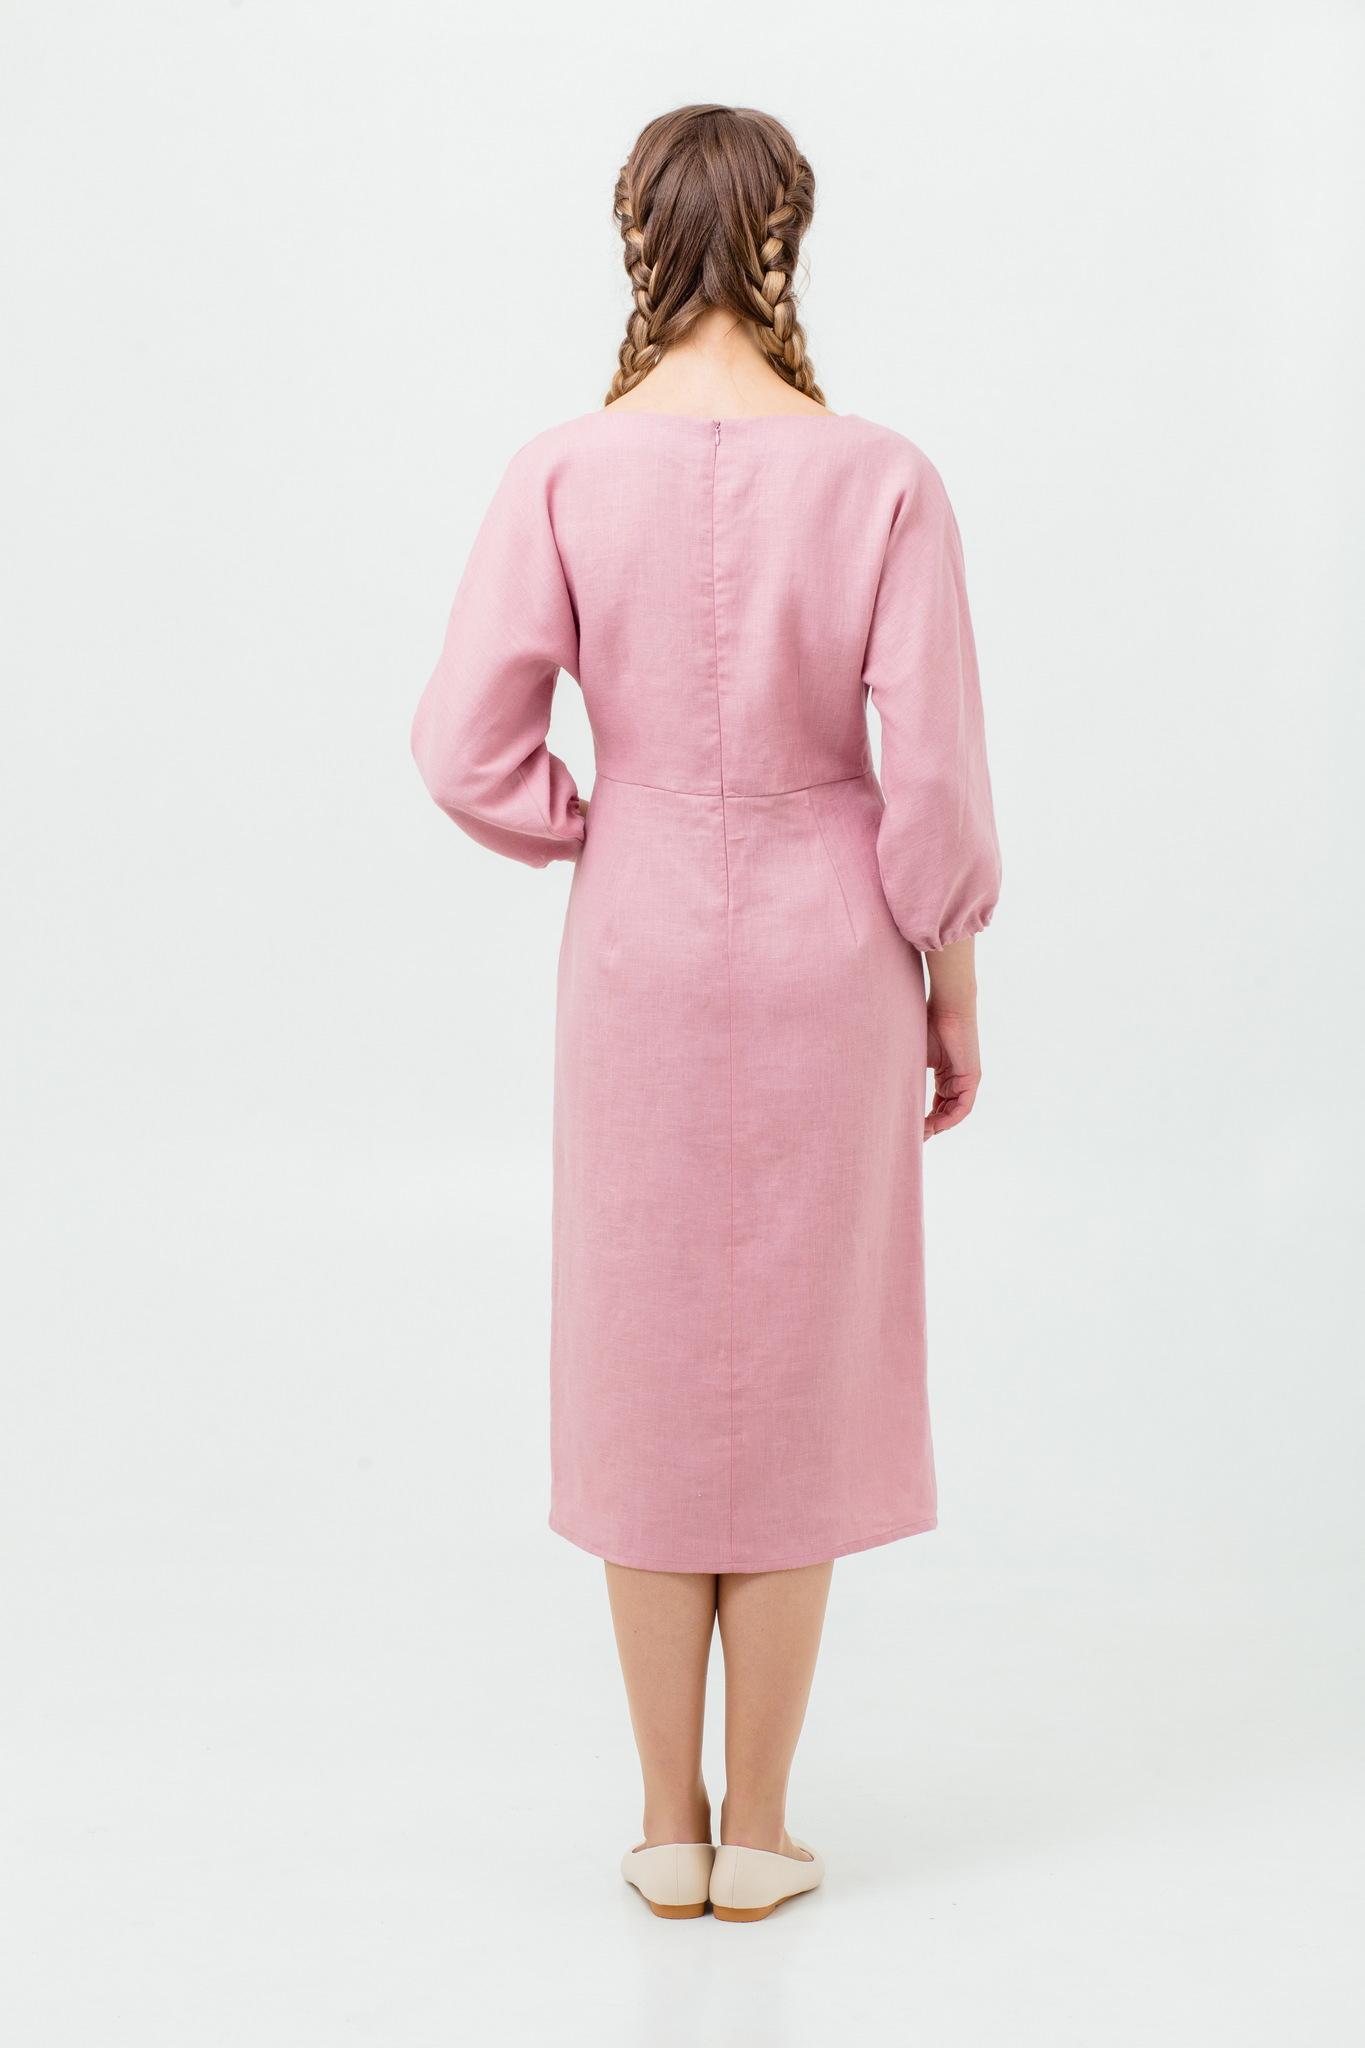 Современное платье в русском стиле Нежный румянец